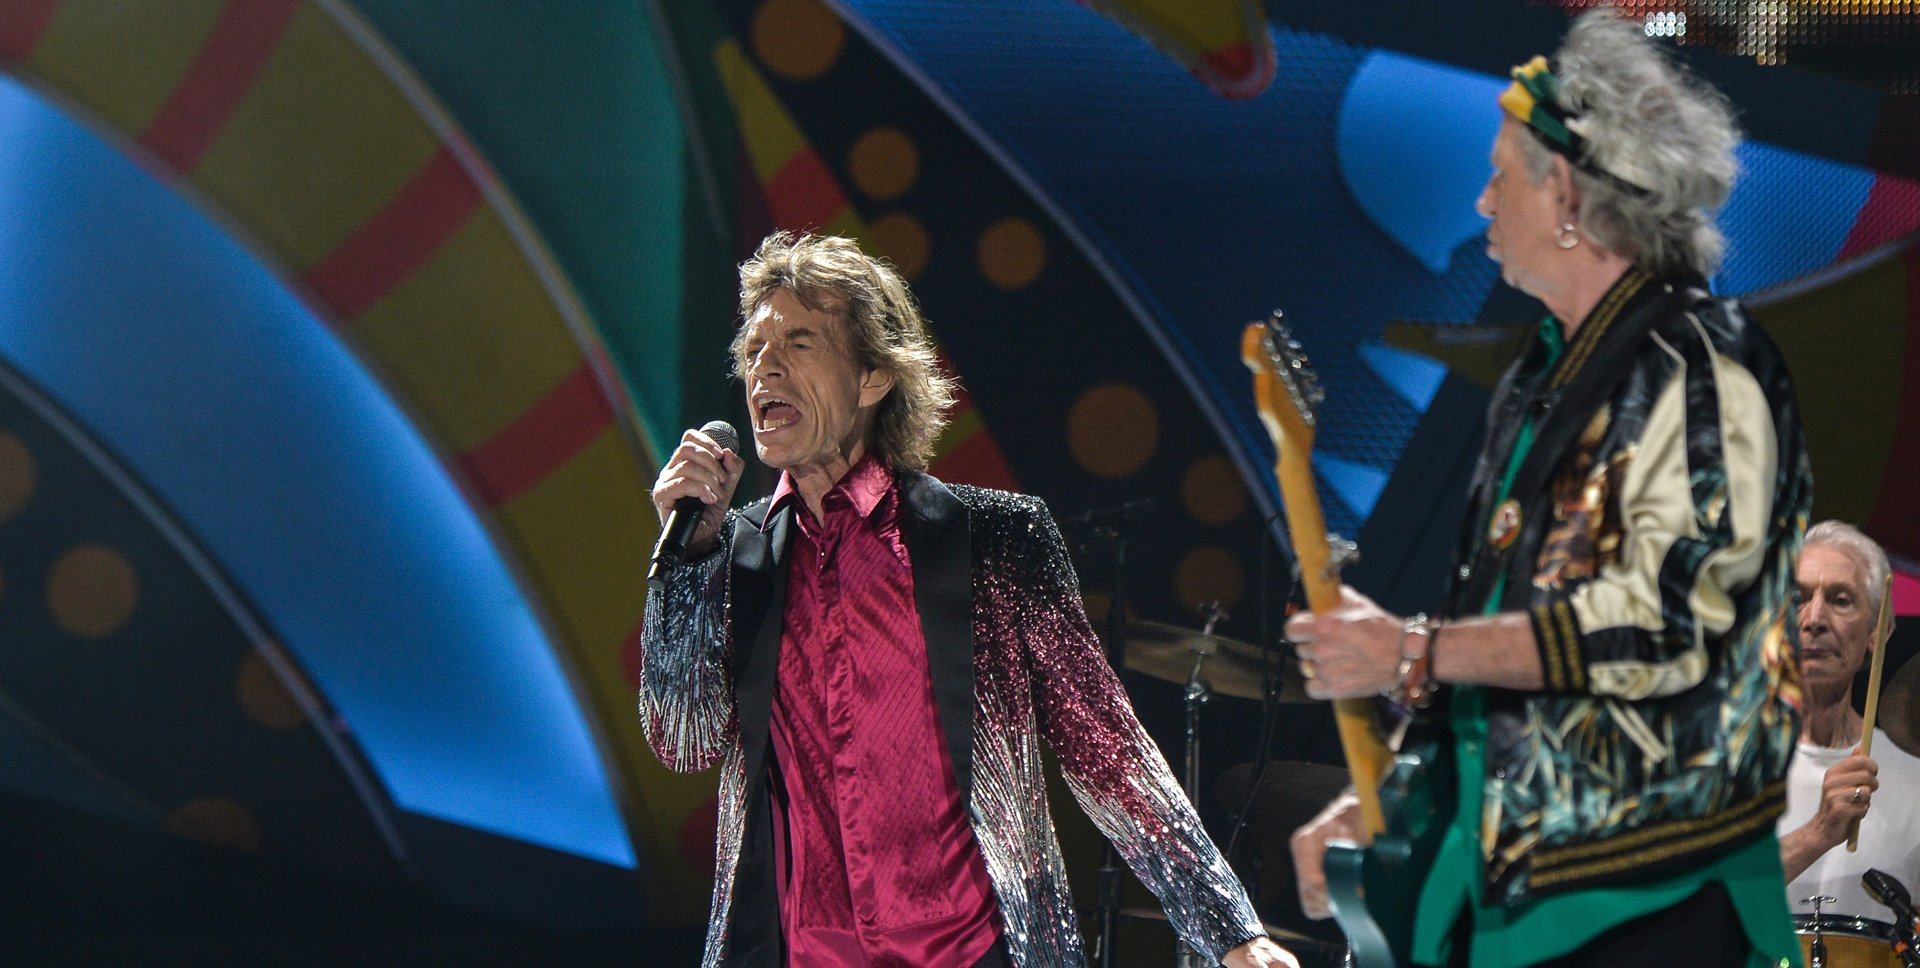 Mick Jagger y Keith Richards, dos de los símbolos de la agrupación británica